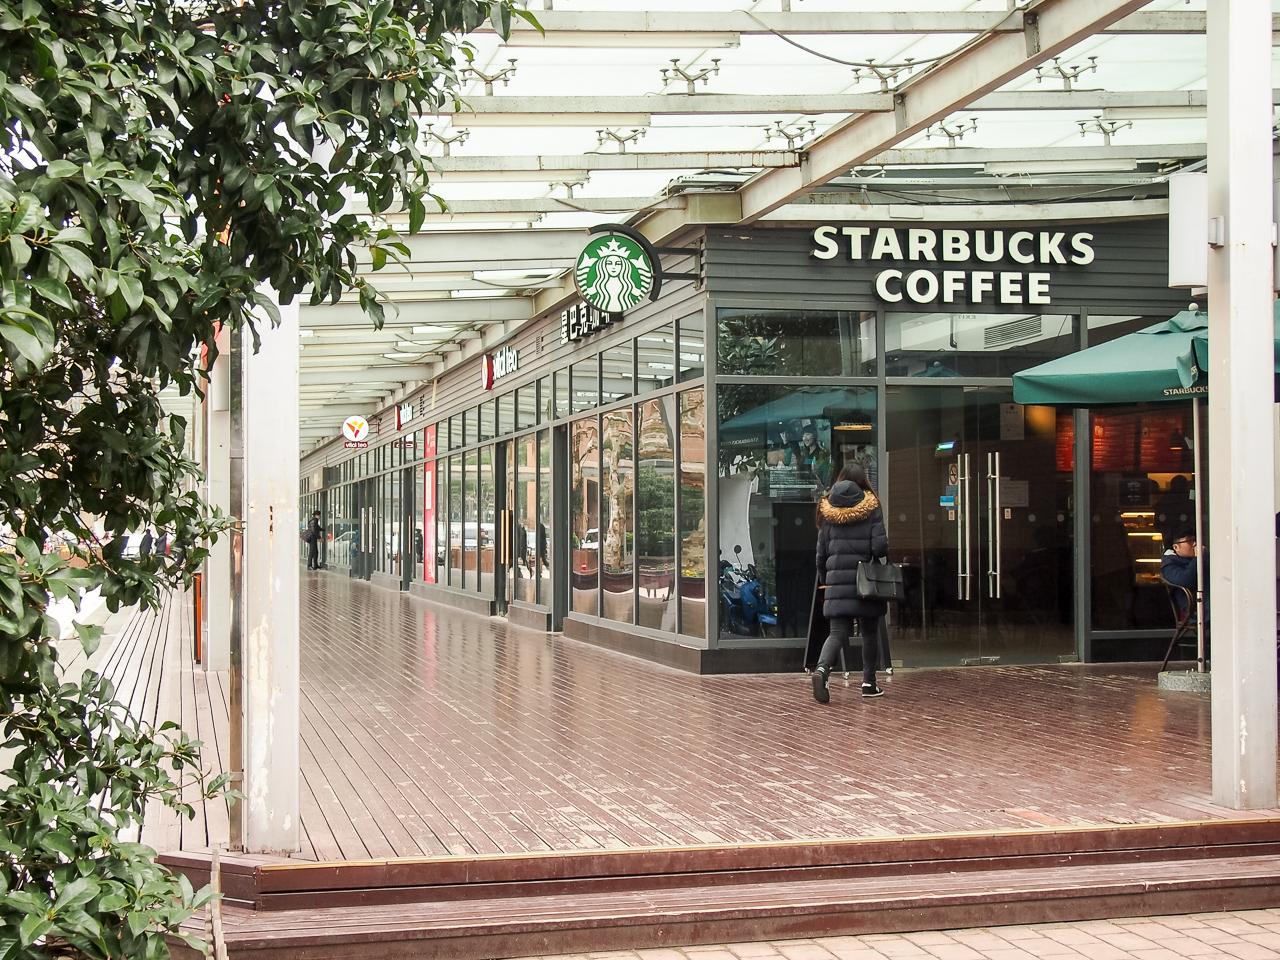 Starbucks Shanghai avoin wifi